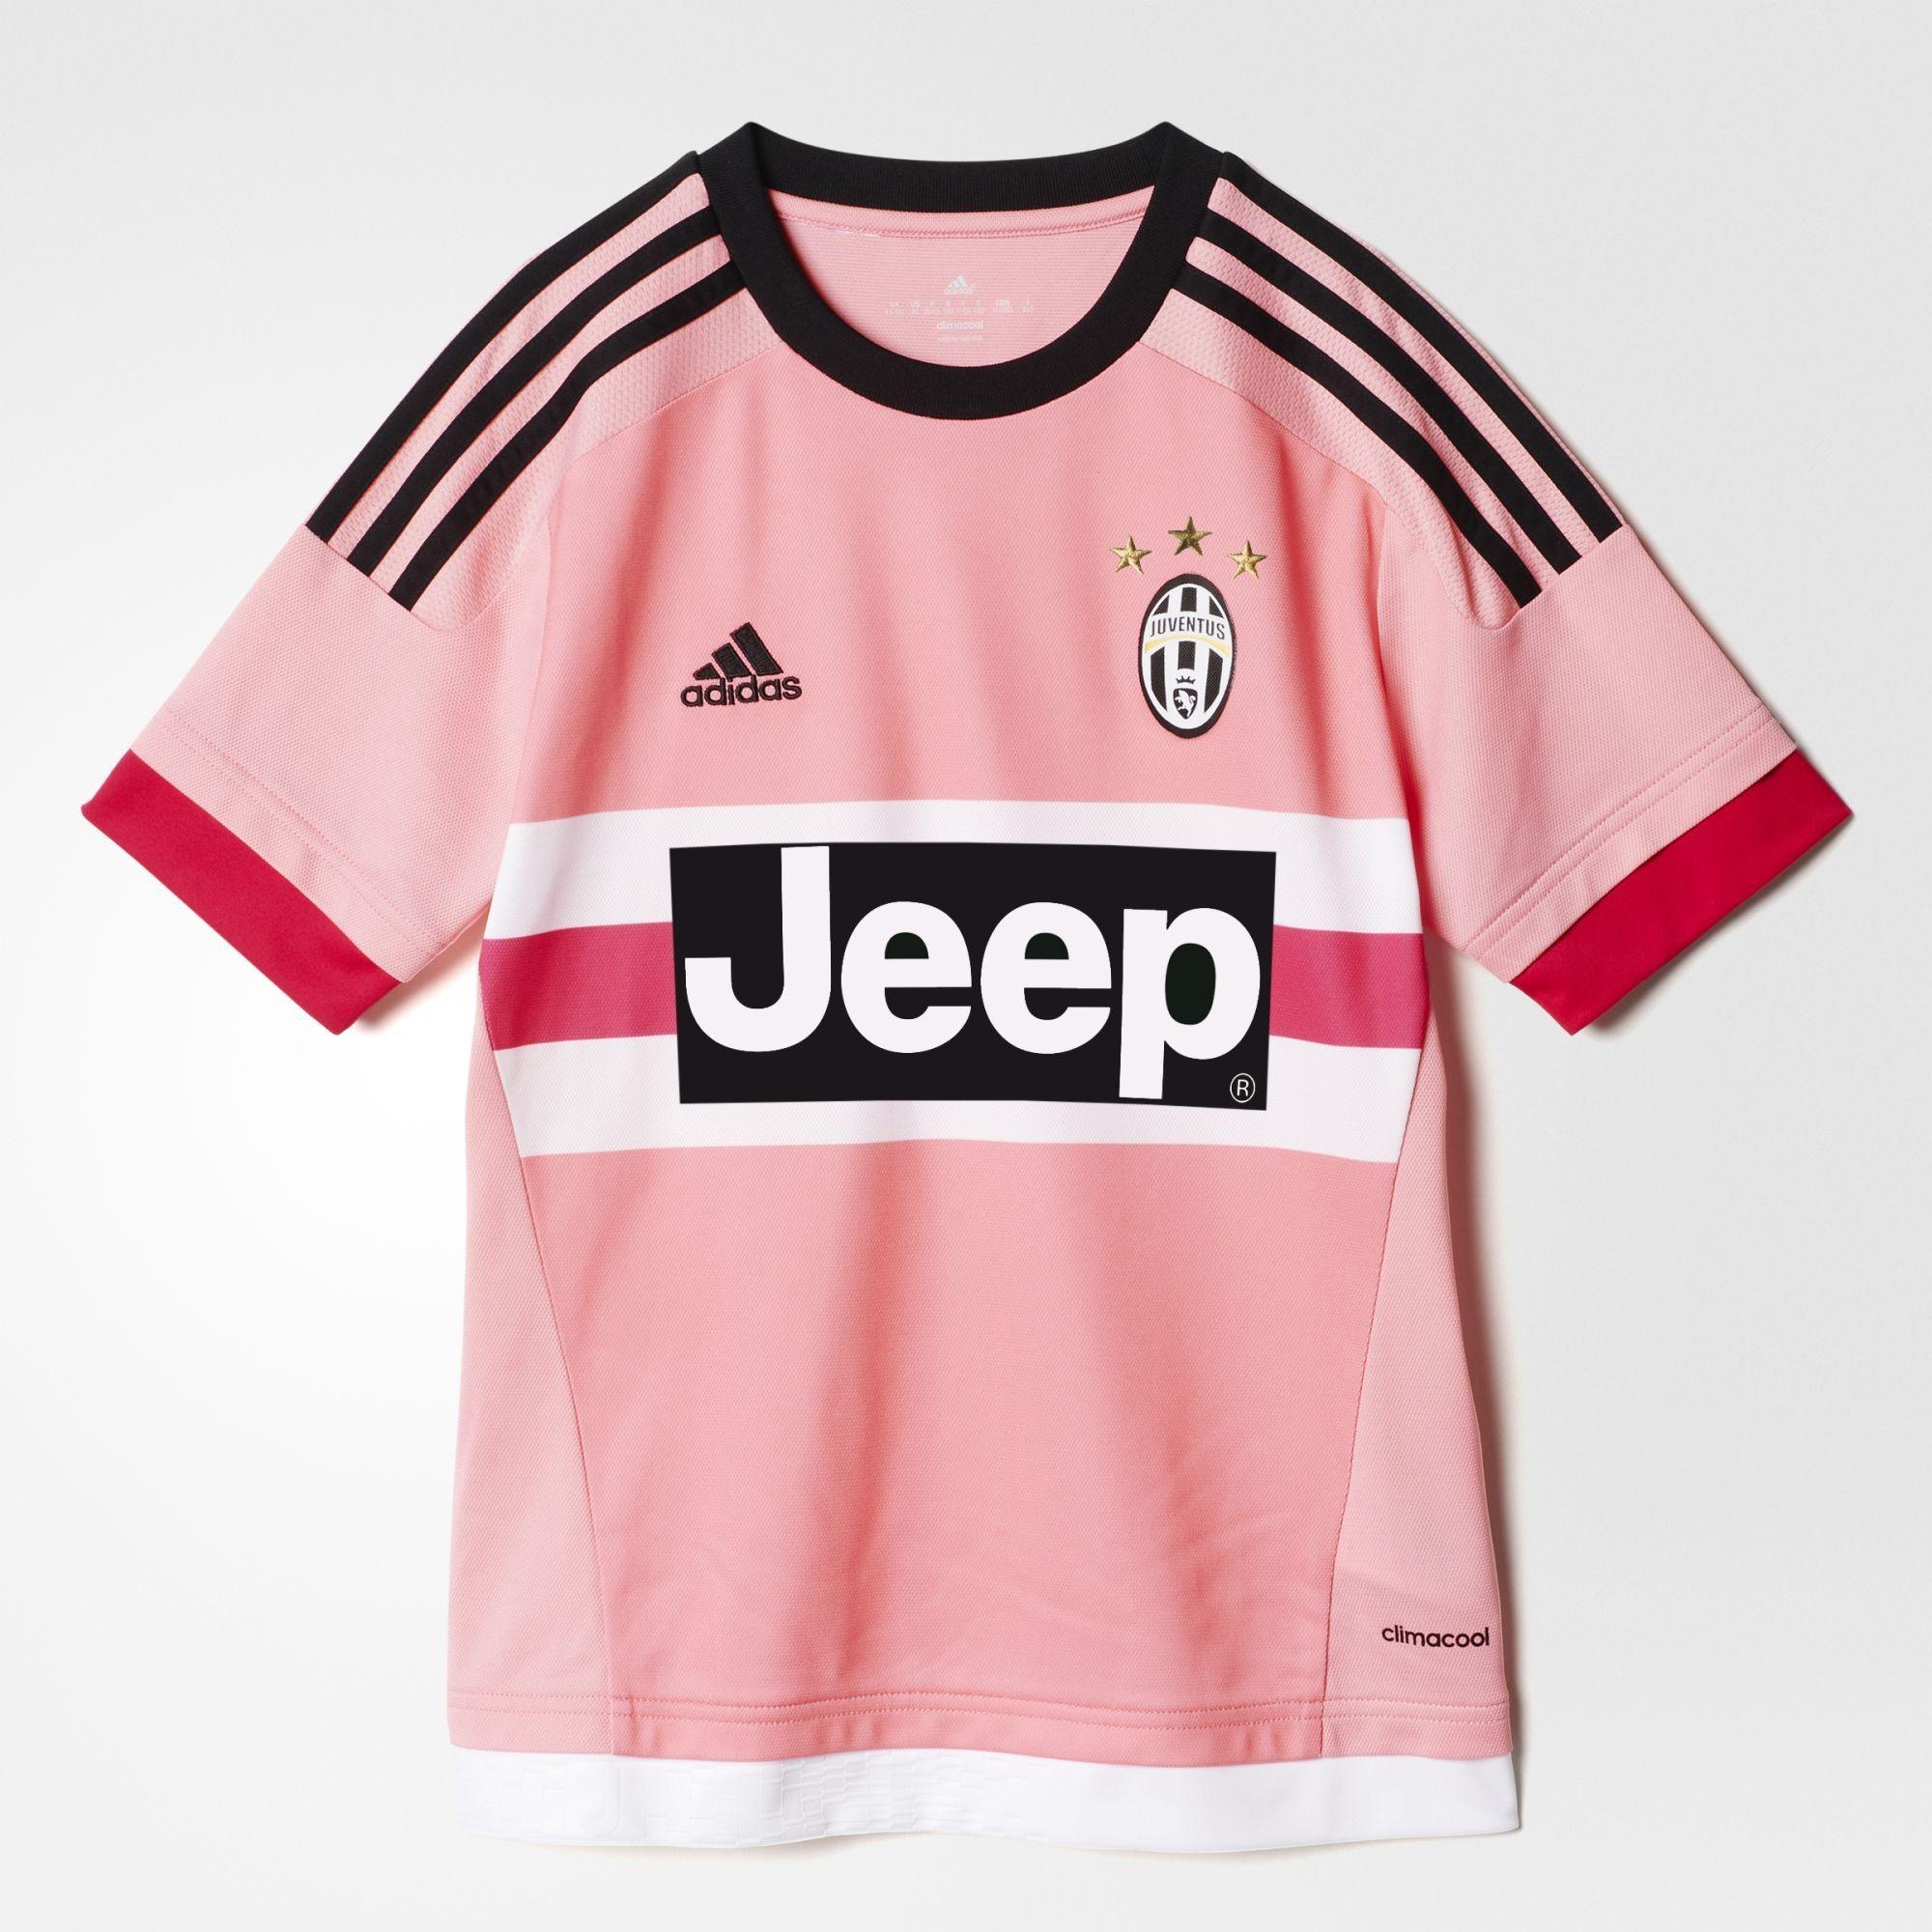 adidas jeep shirt pink cheap online